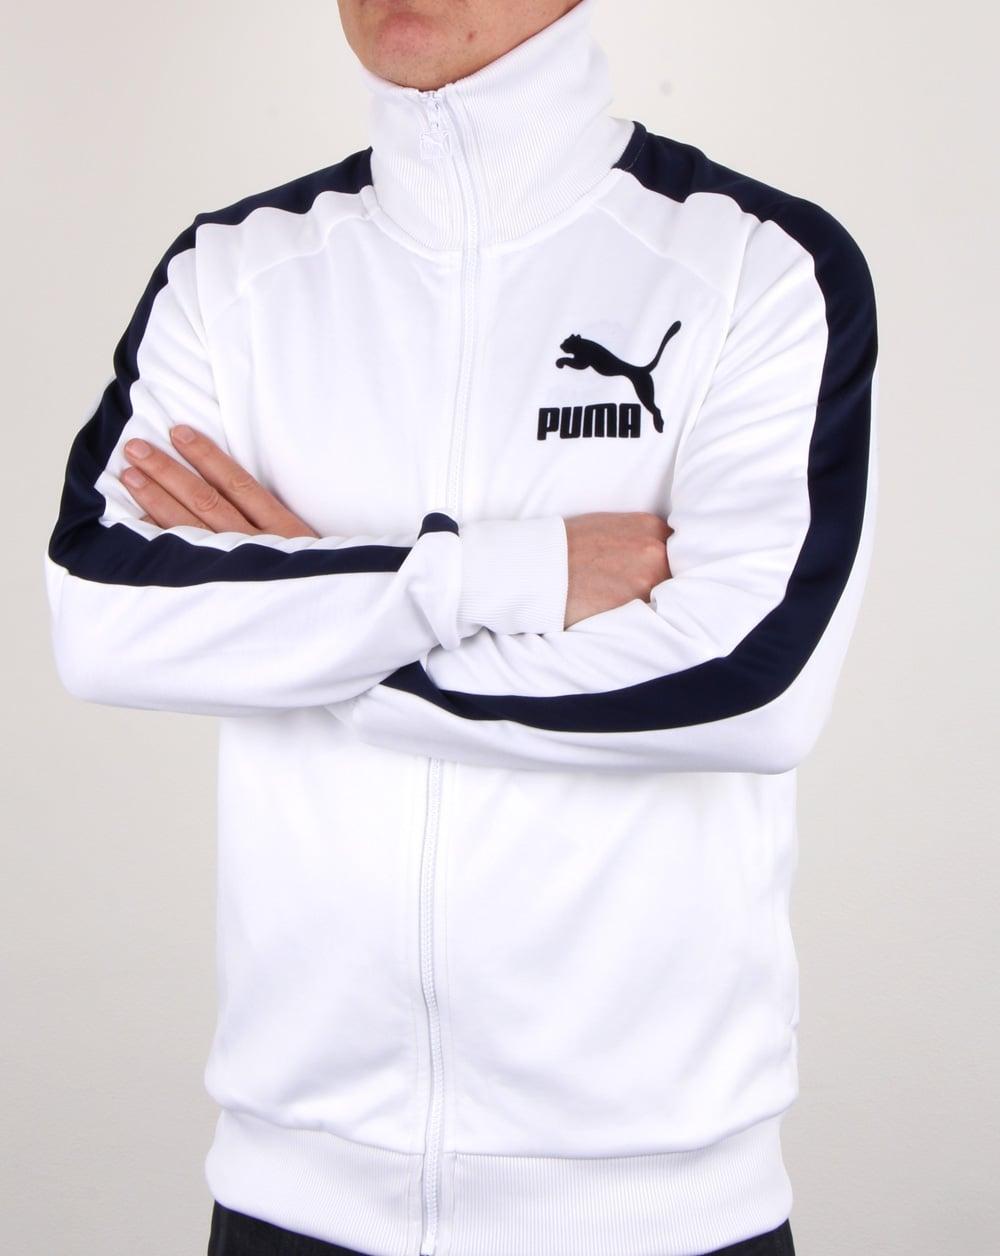 936dd94ca7af3 Puma T7 Vintage Track Jacket White/Navy